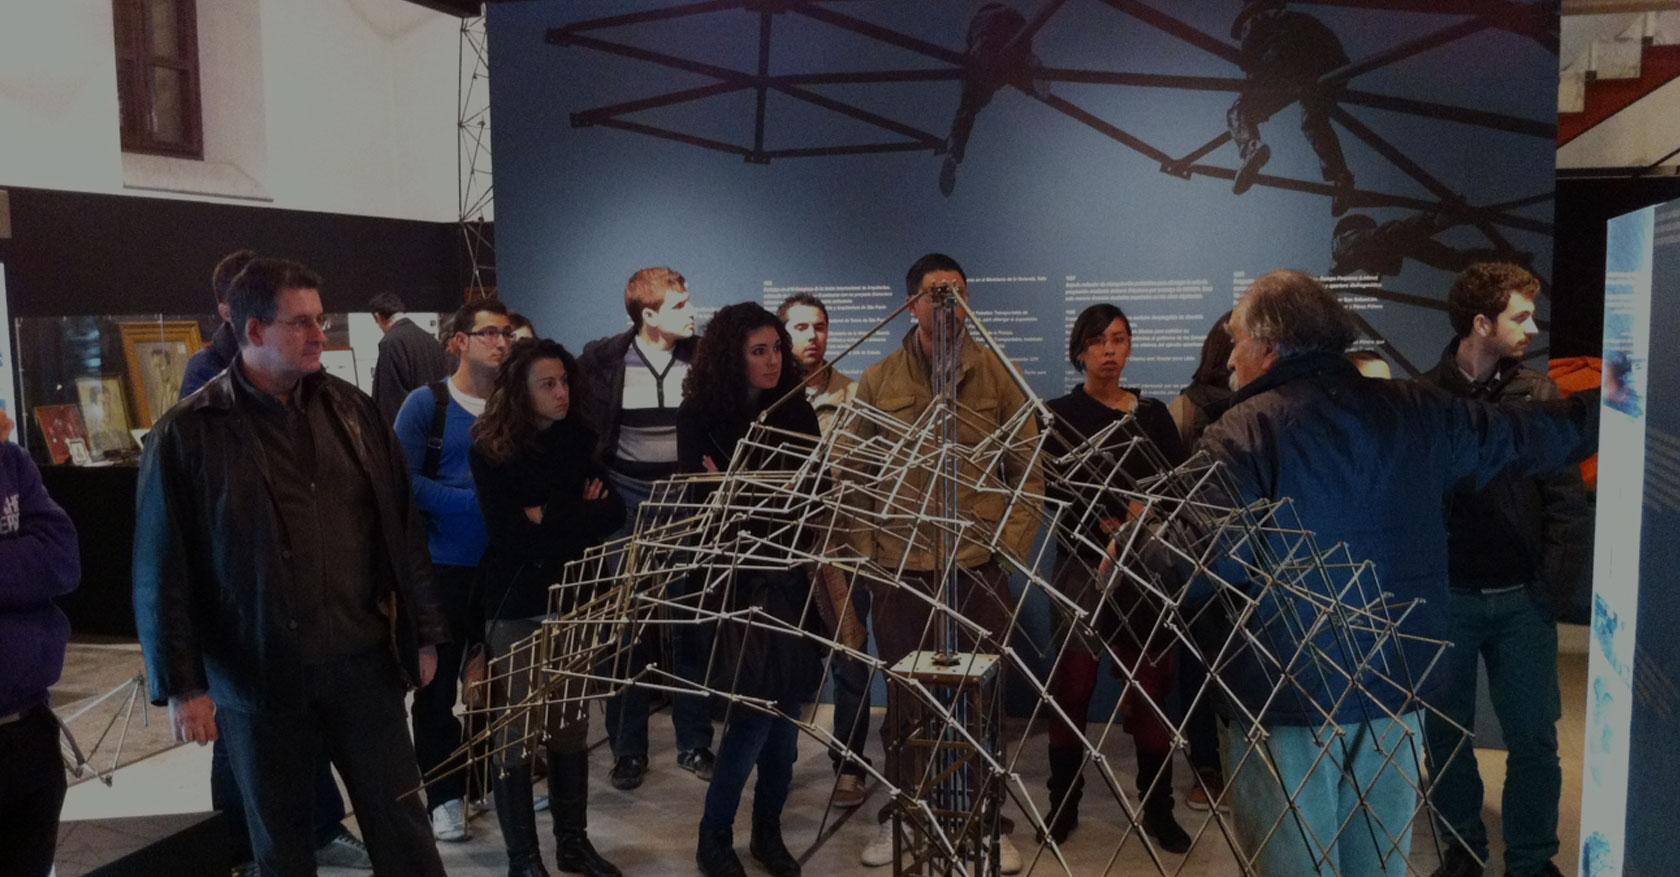 Eventos en Plural organiza y produce exposiciones y jornadas divulgativas